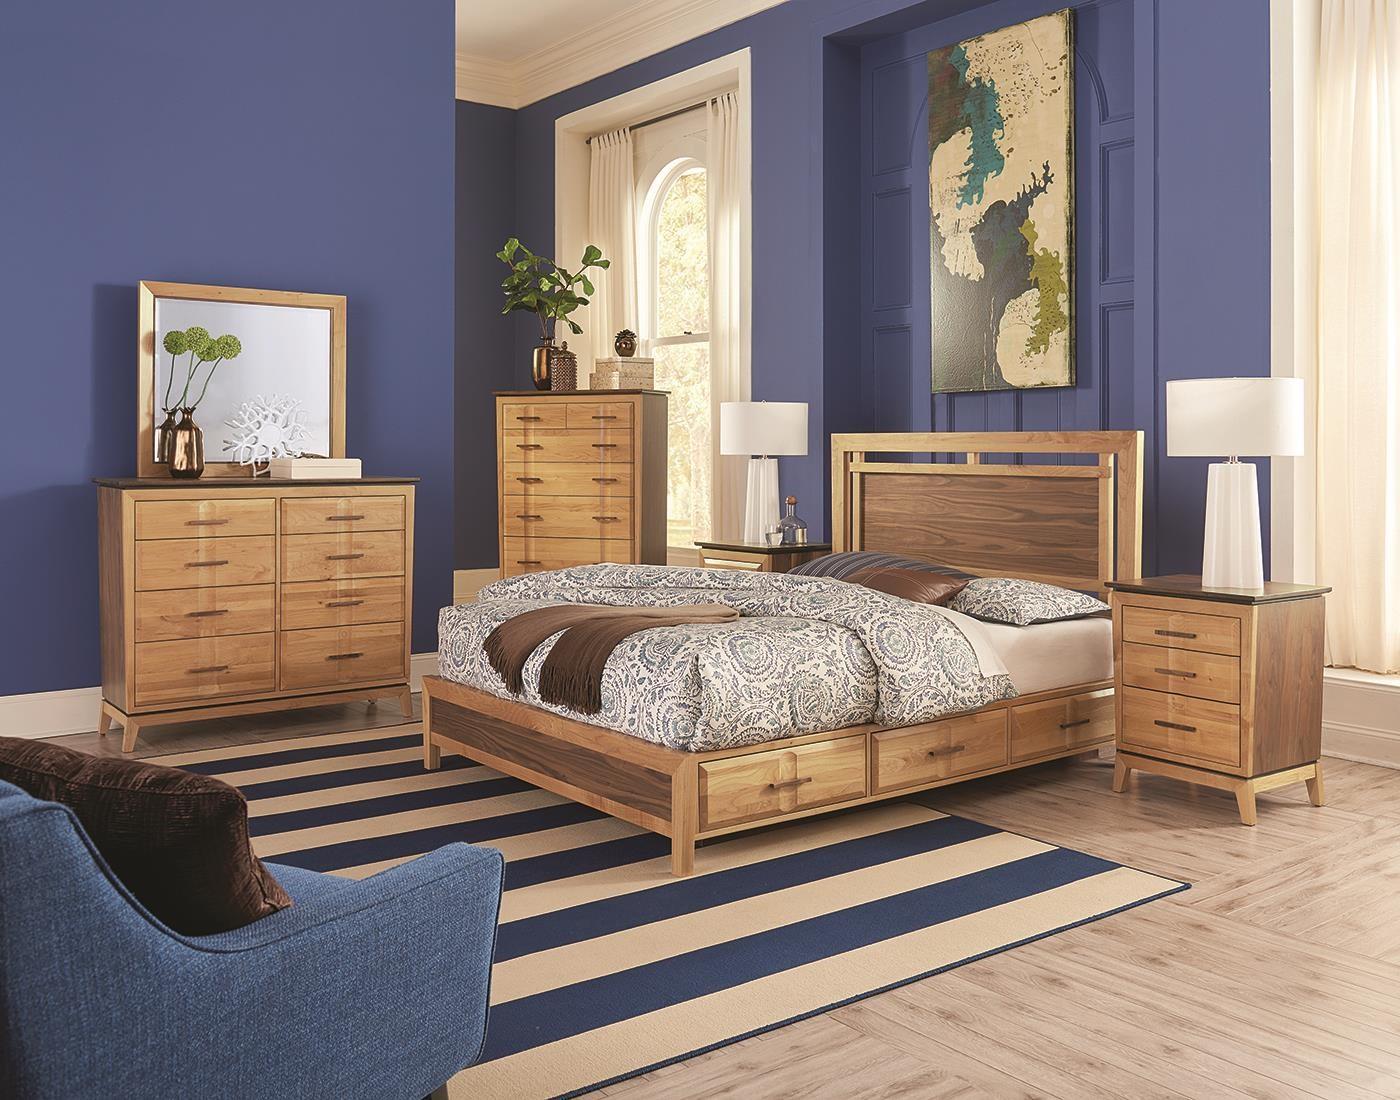 Queen Platform Bedroom at Sadler's Home Furnishings